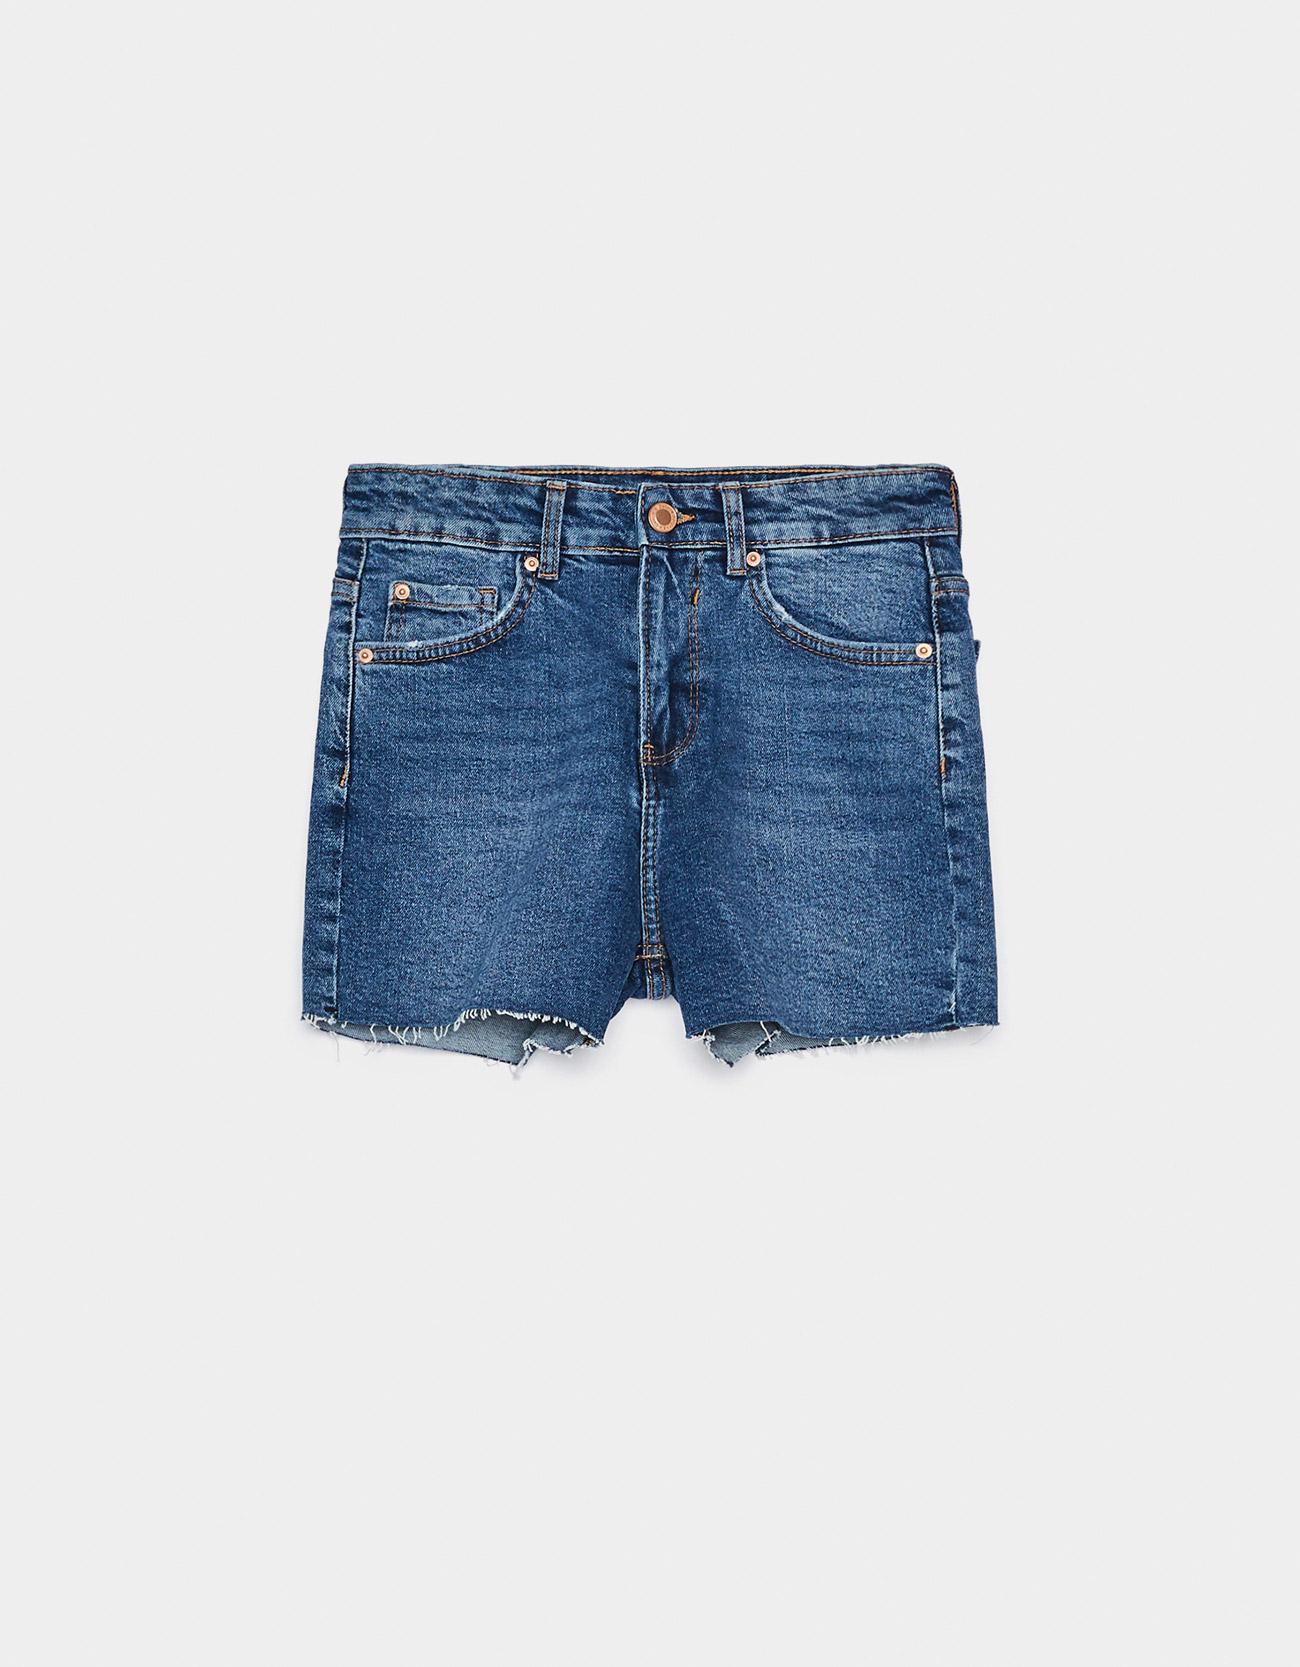 Базовые джинсовые шорты СИНИЙ Bershka